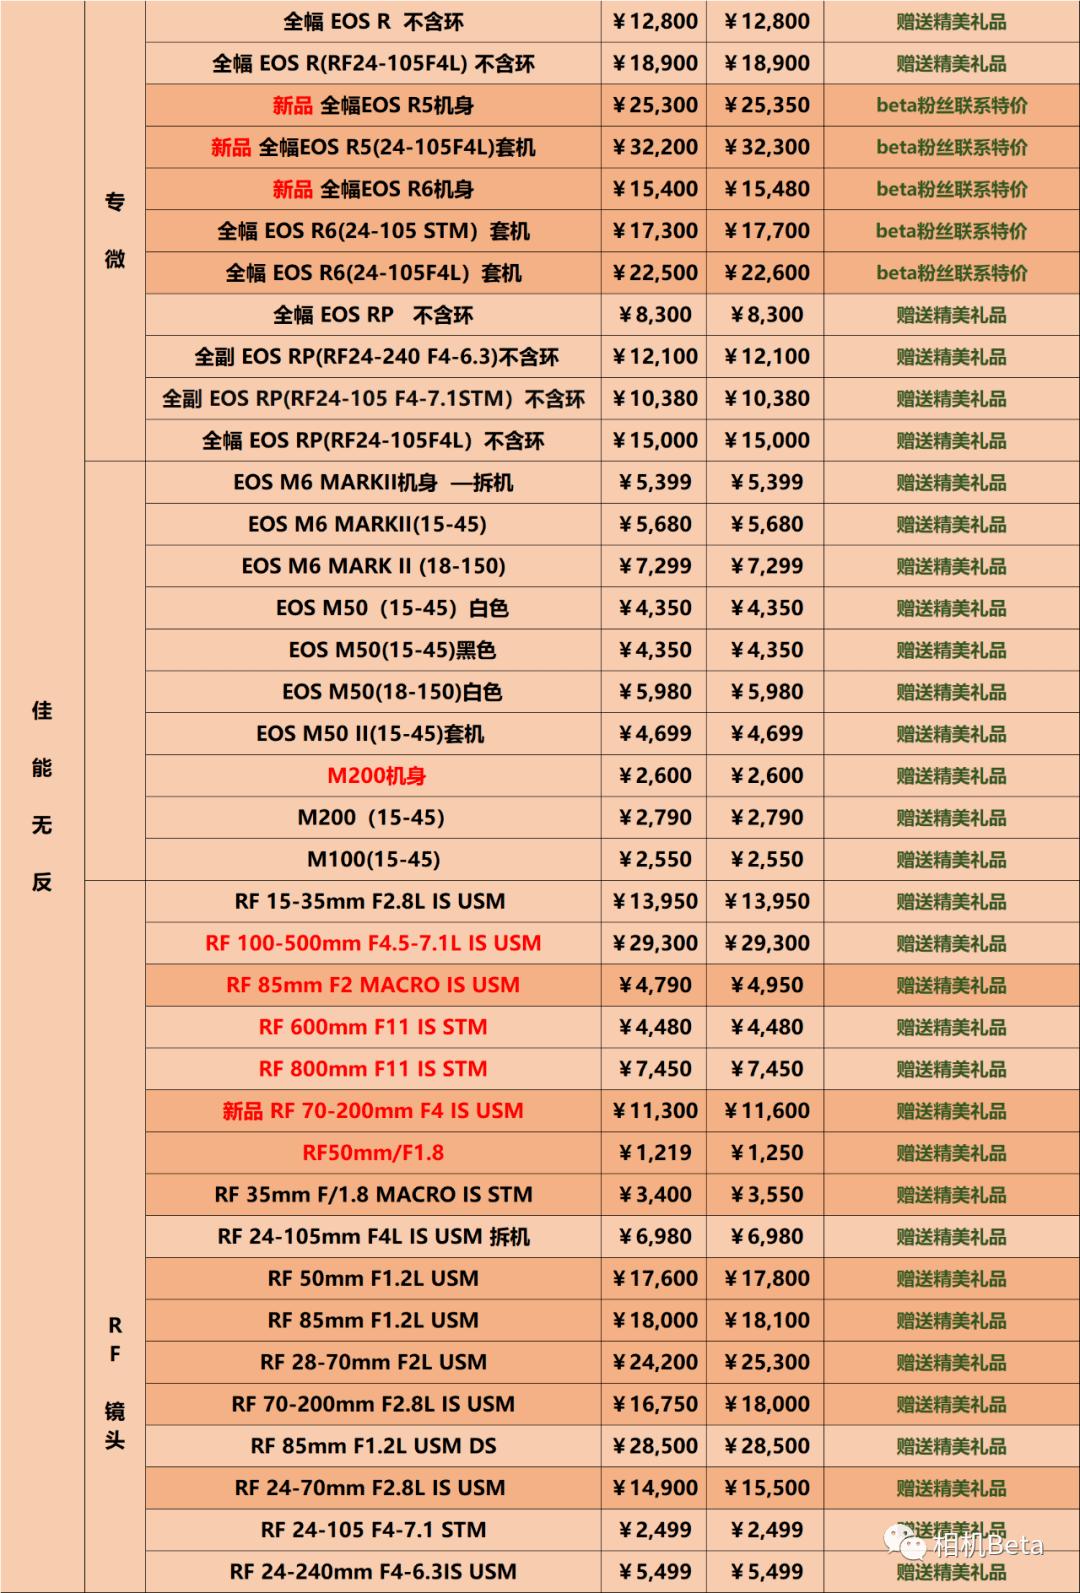 准备迎接新品……佳能、 索尼、 尼康价格暂时稳定!